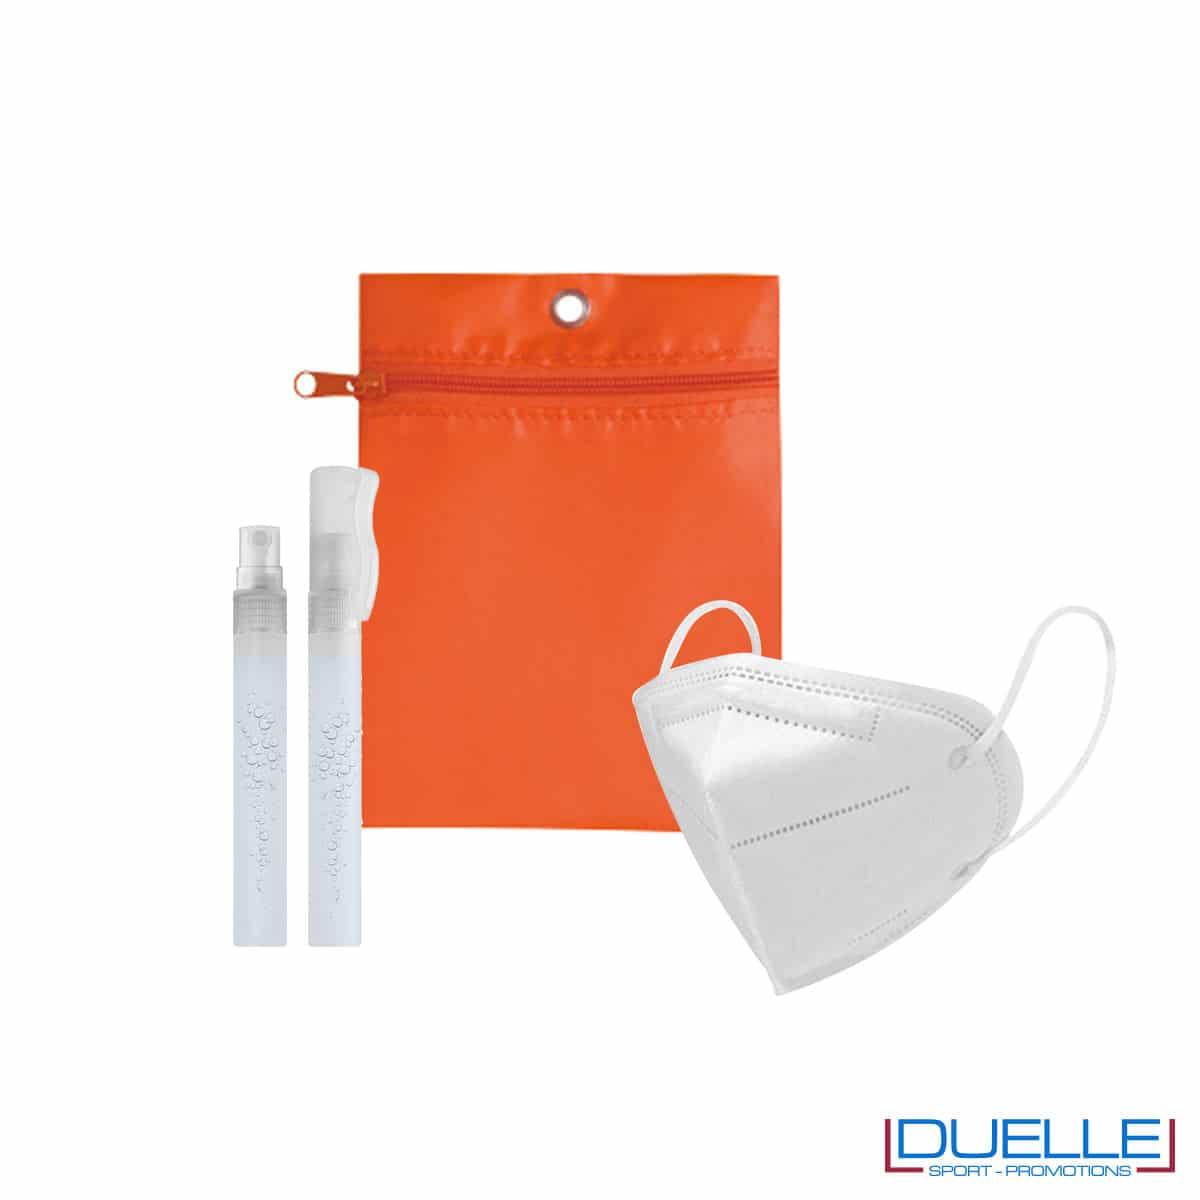 Kit di benvenuto igienizzante colore arancione personalizzato con il tuo logo